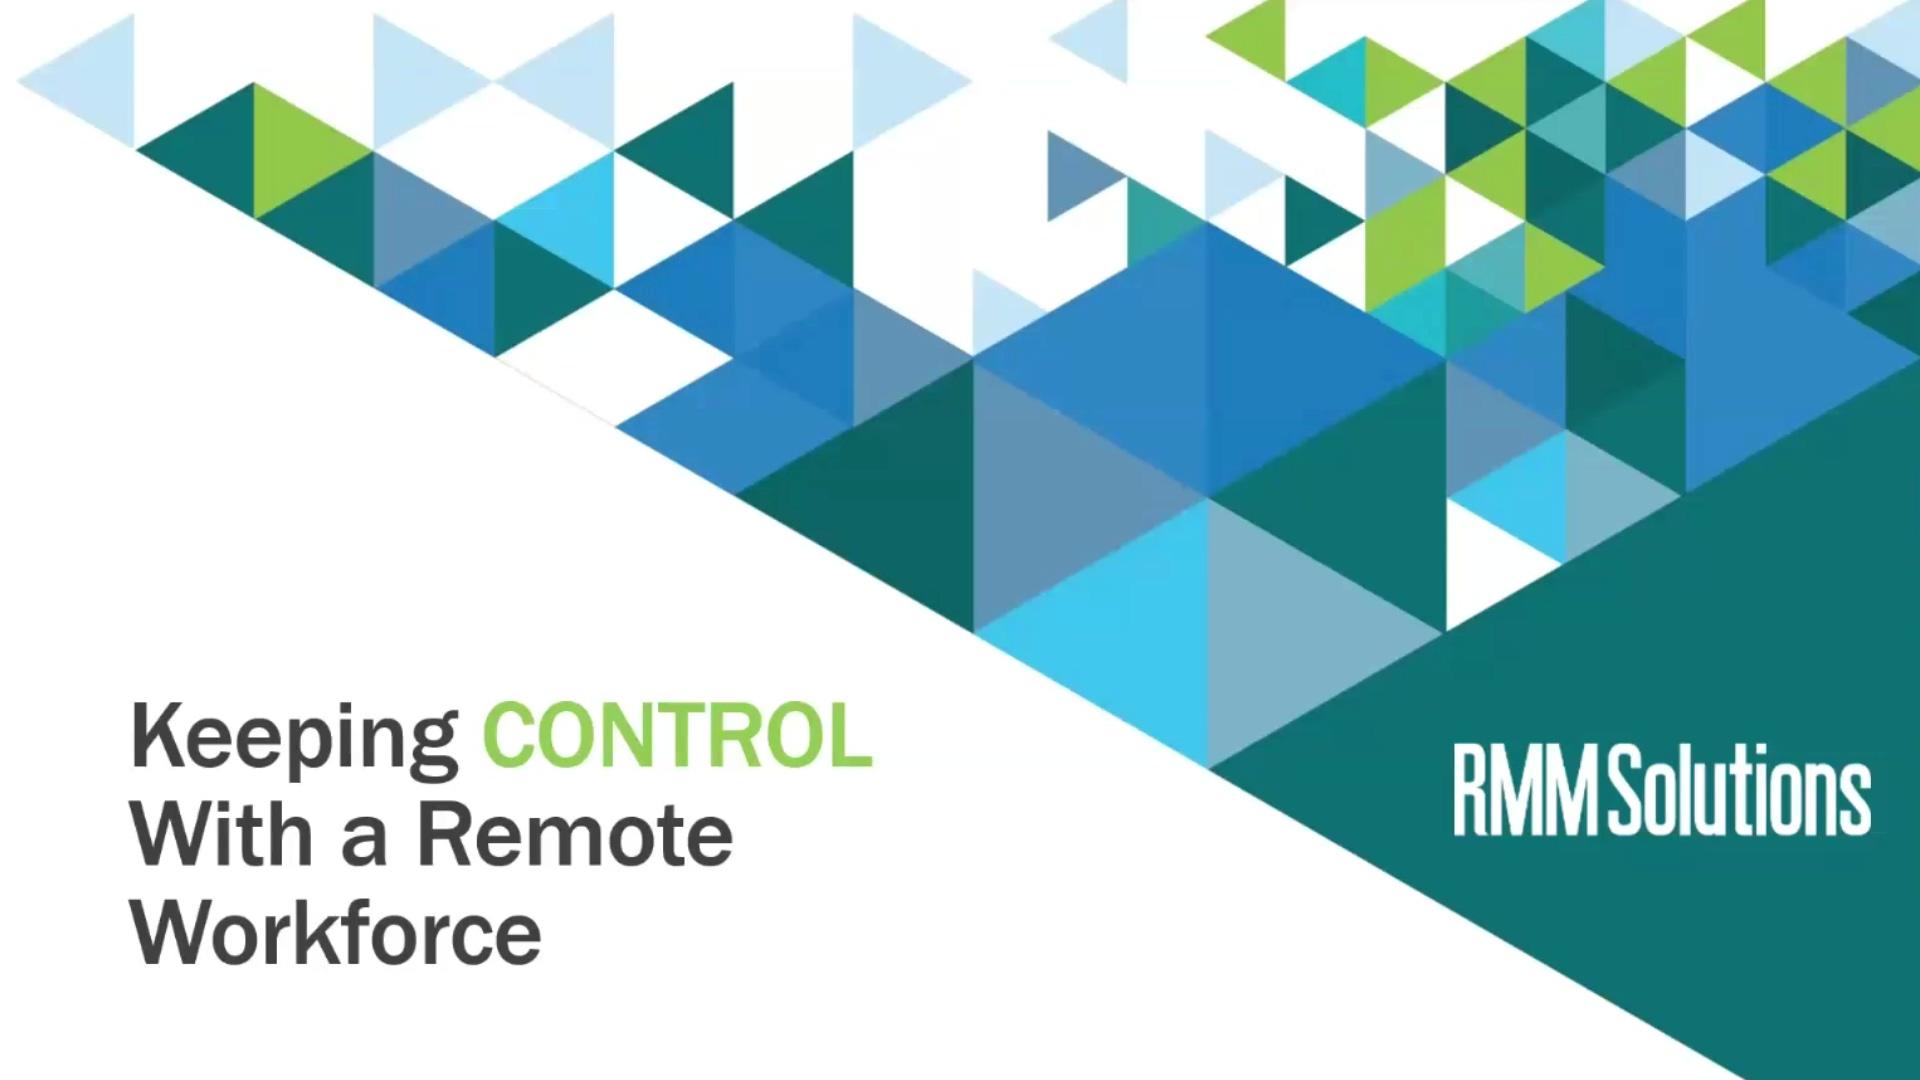 Keeping Control of Remote Workforce